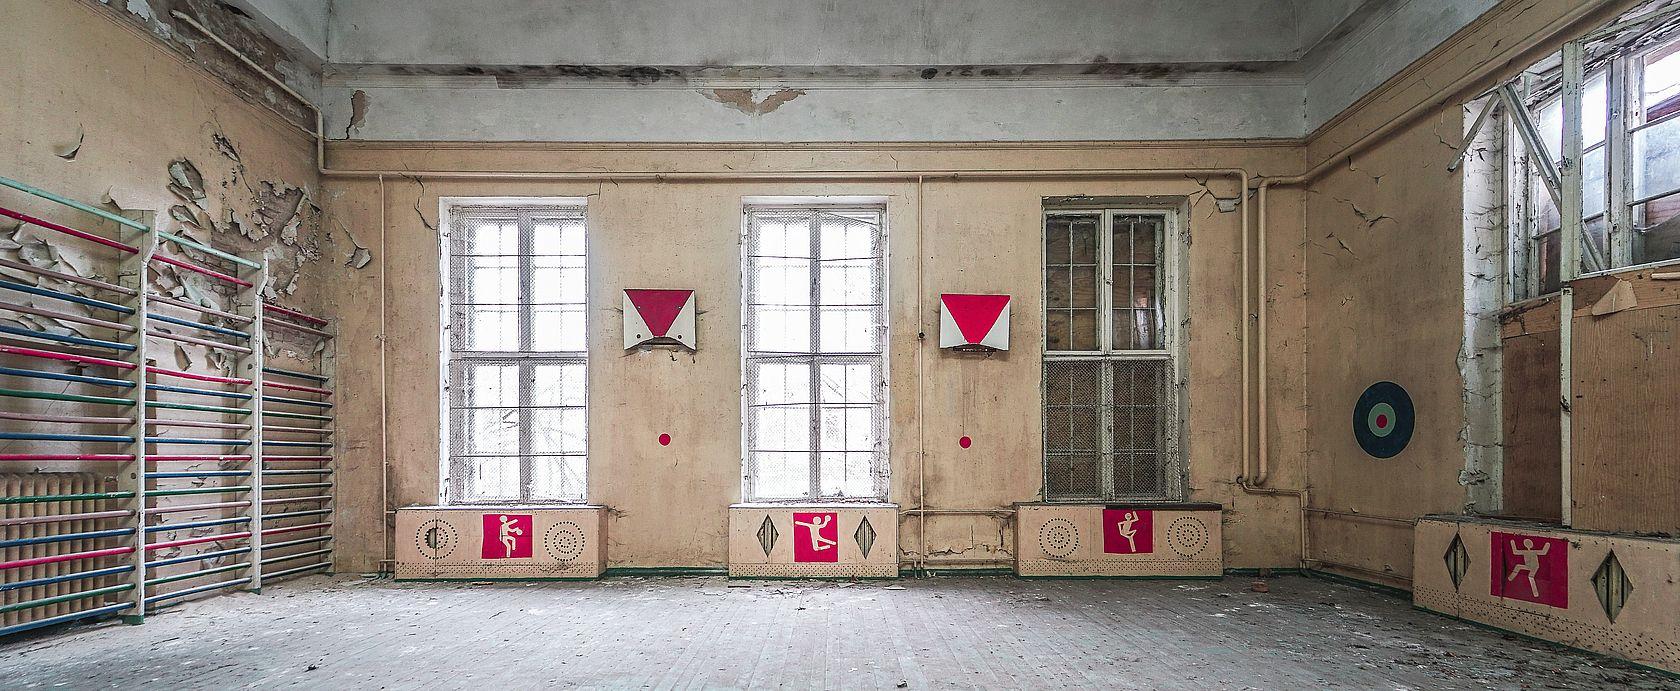 Die russische Turnhalle